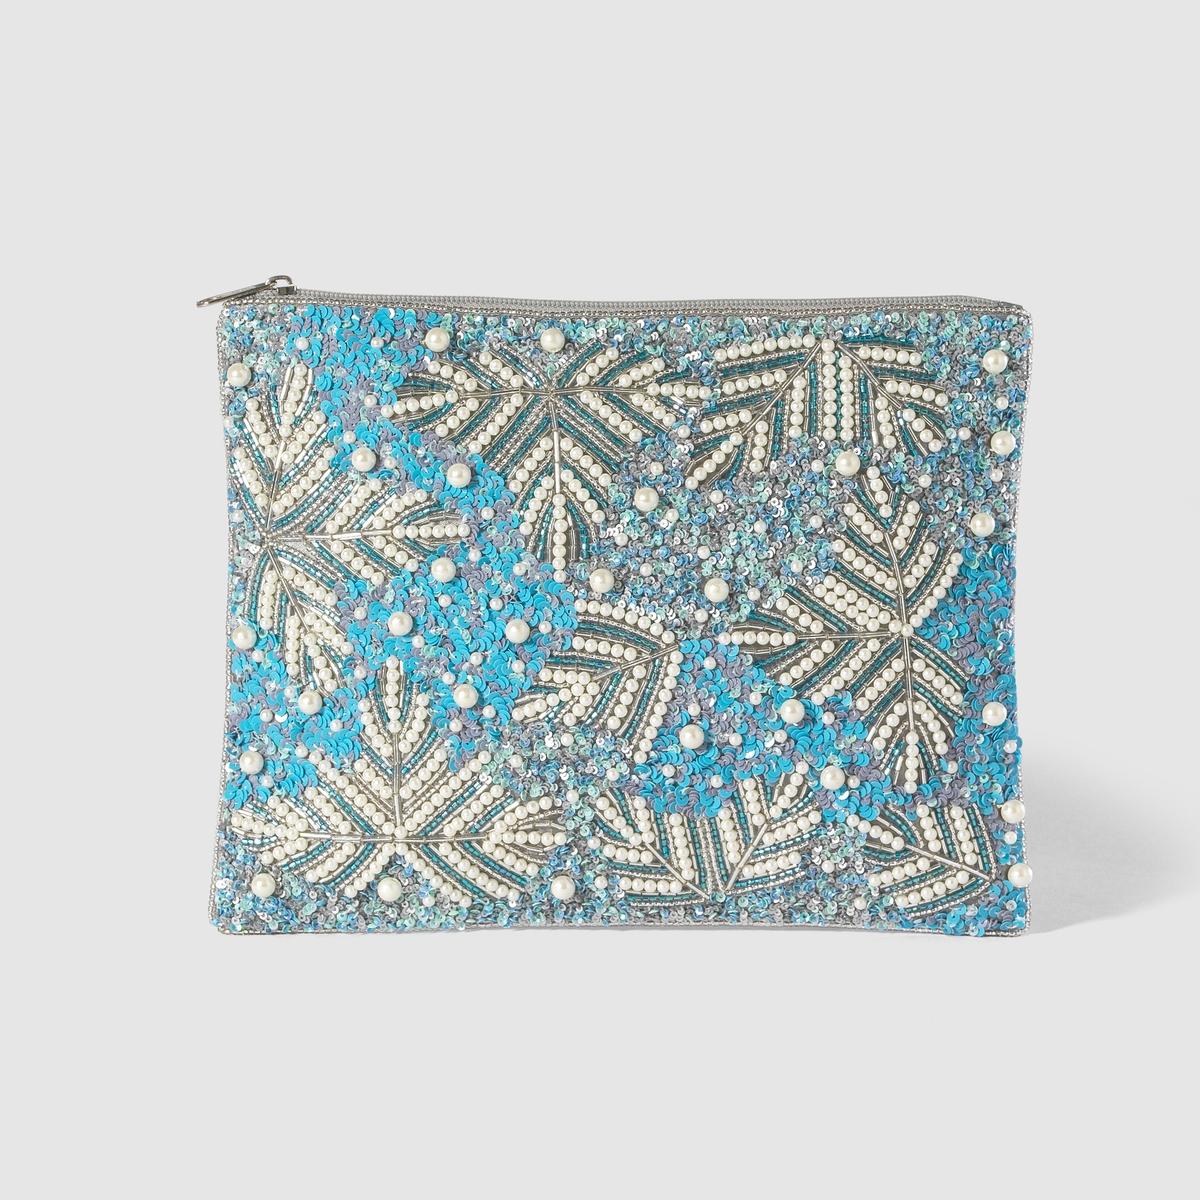 Клатч с вышивкойКлатч, расшитый блестками и бисером . Однотонный сатин сзади . Клатч - ключевой аксессуар в этом сезоне ! Марка :           Mademoiselle R.Размеры :      24 x 19 см Верх :         100% полиэстерПодкладка :          текстильЗастежка :        на молнию Карманы :               1 внутренний карман<br><br>Цвет: синий